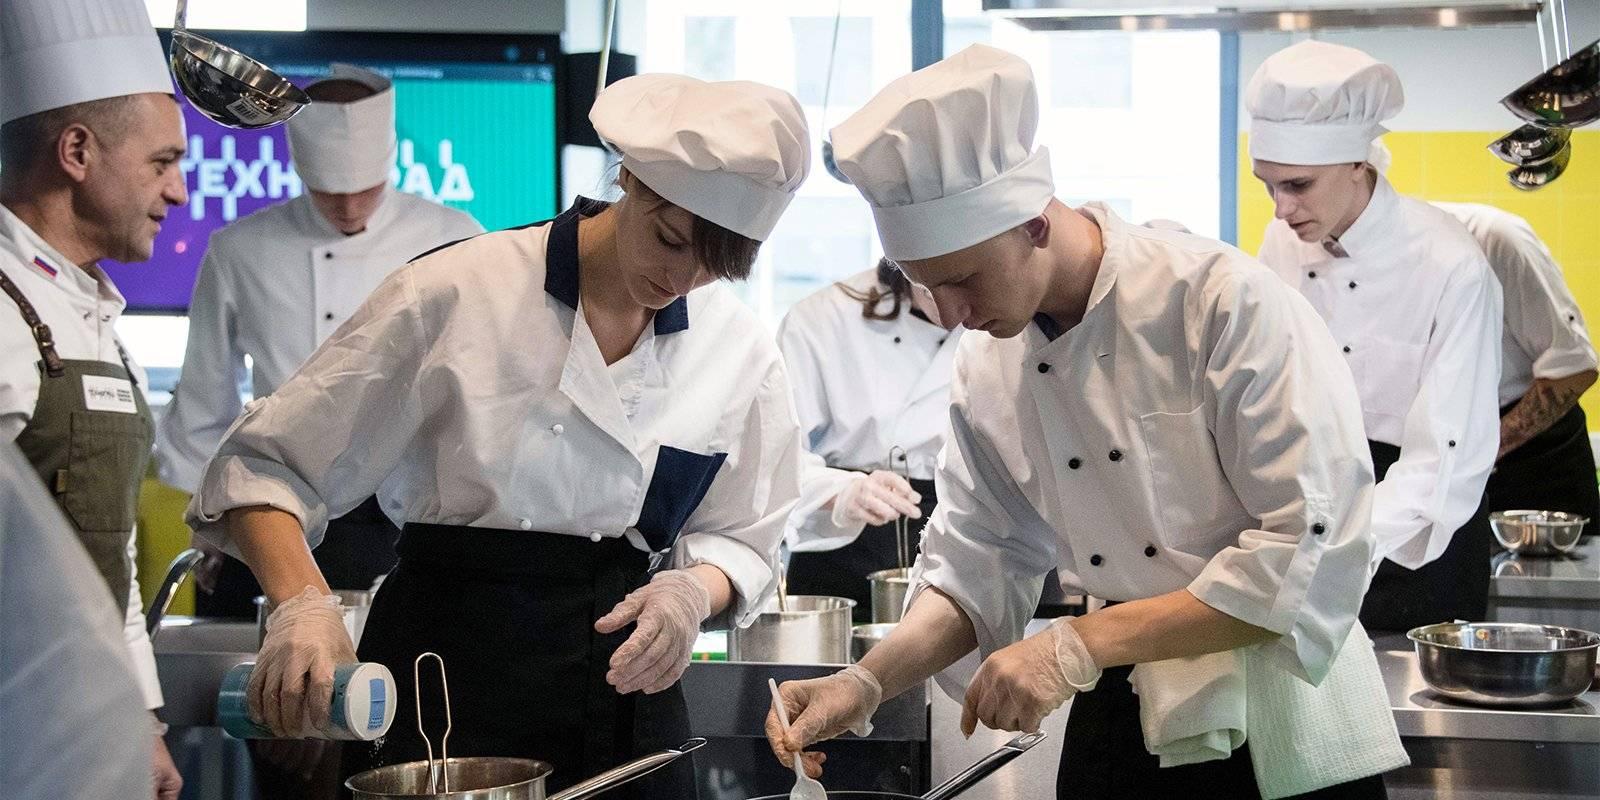 Топ-5 самых высокооплачиваемых работ в россии в 2020 году - самые оплачиваемые профессии